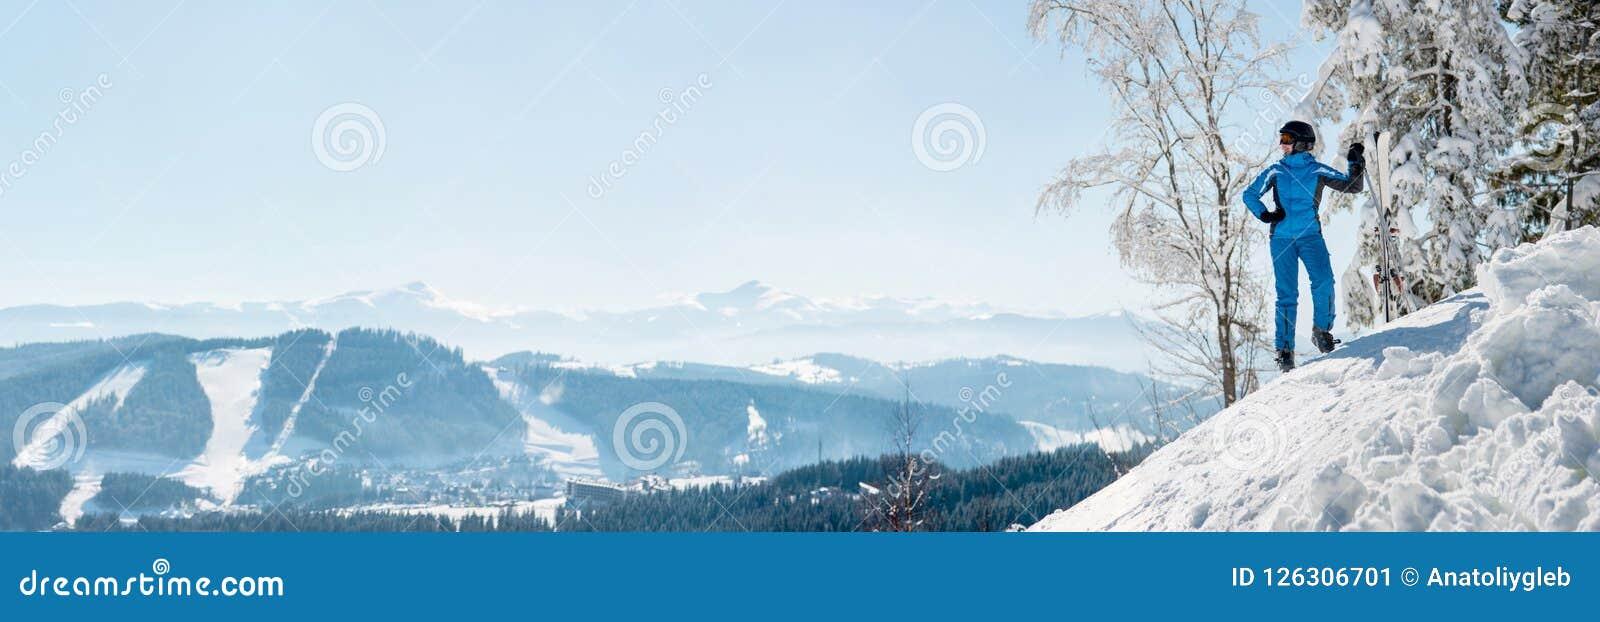 休息在山顶部的一个女性滑雪者的全景射击观察自然在滑雪胜地